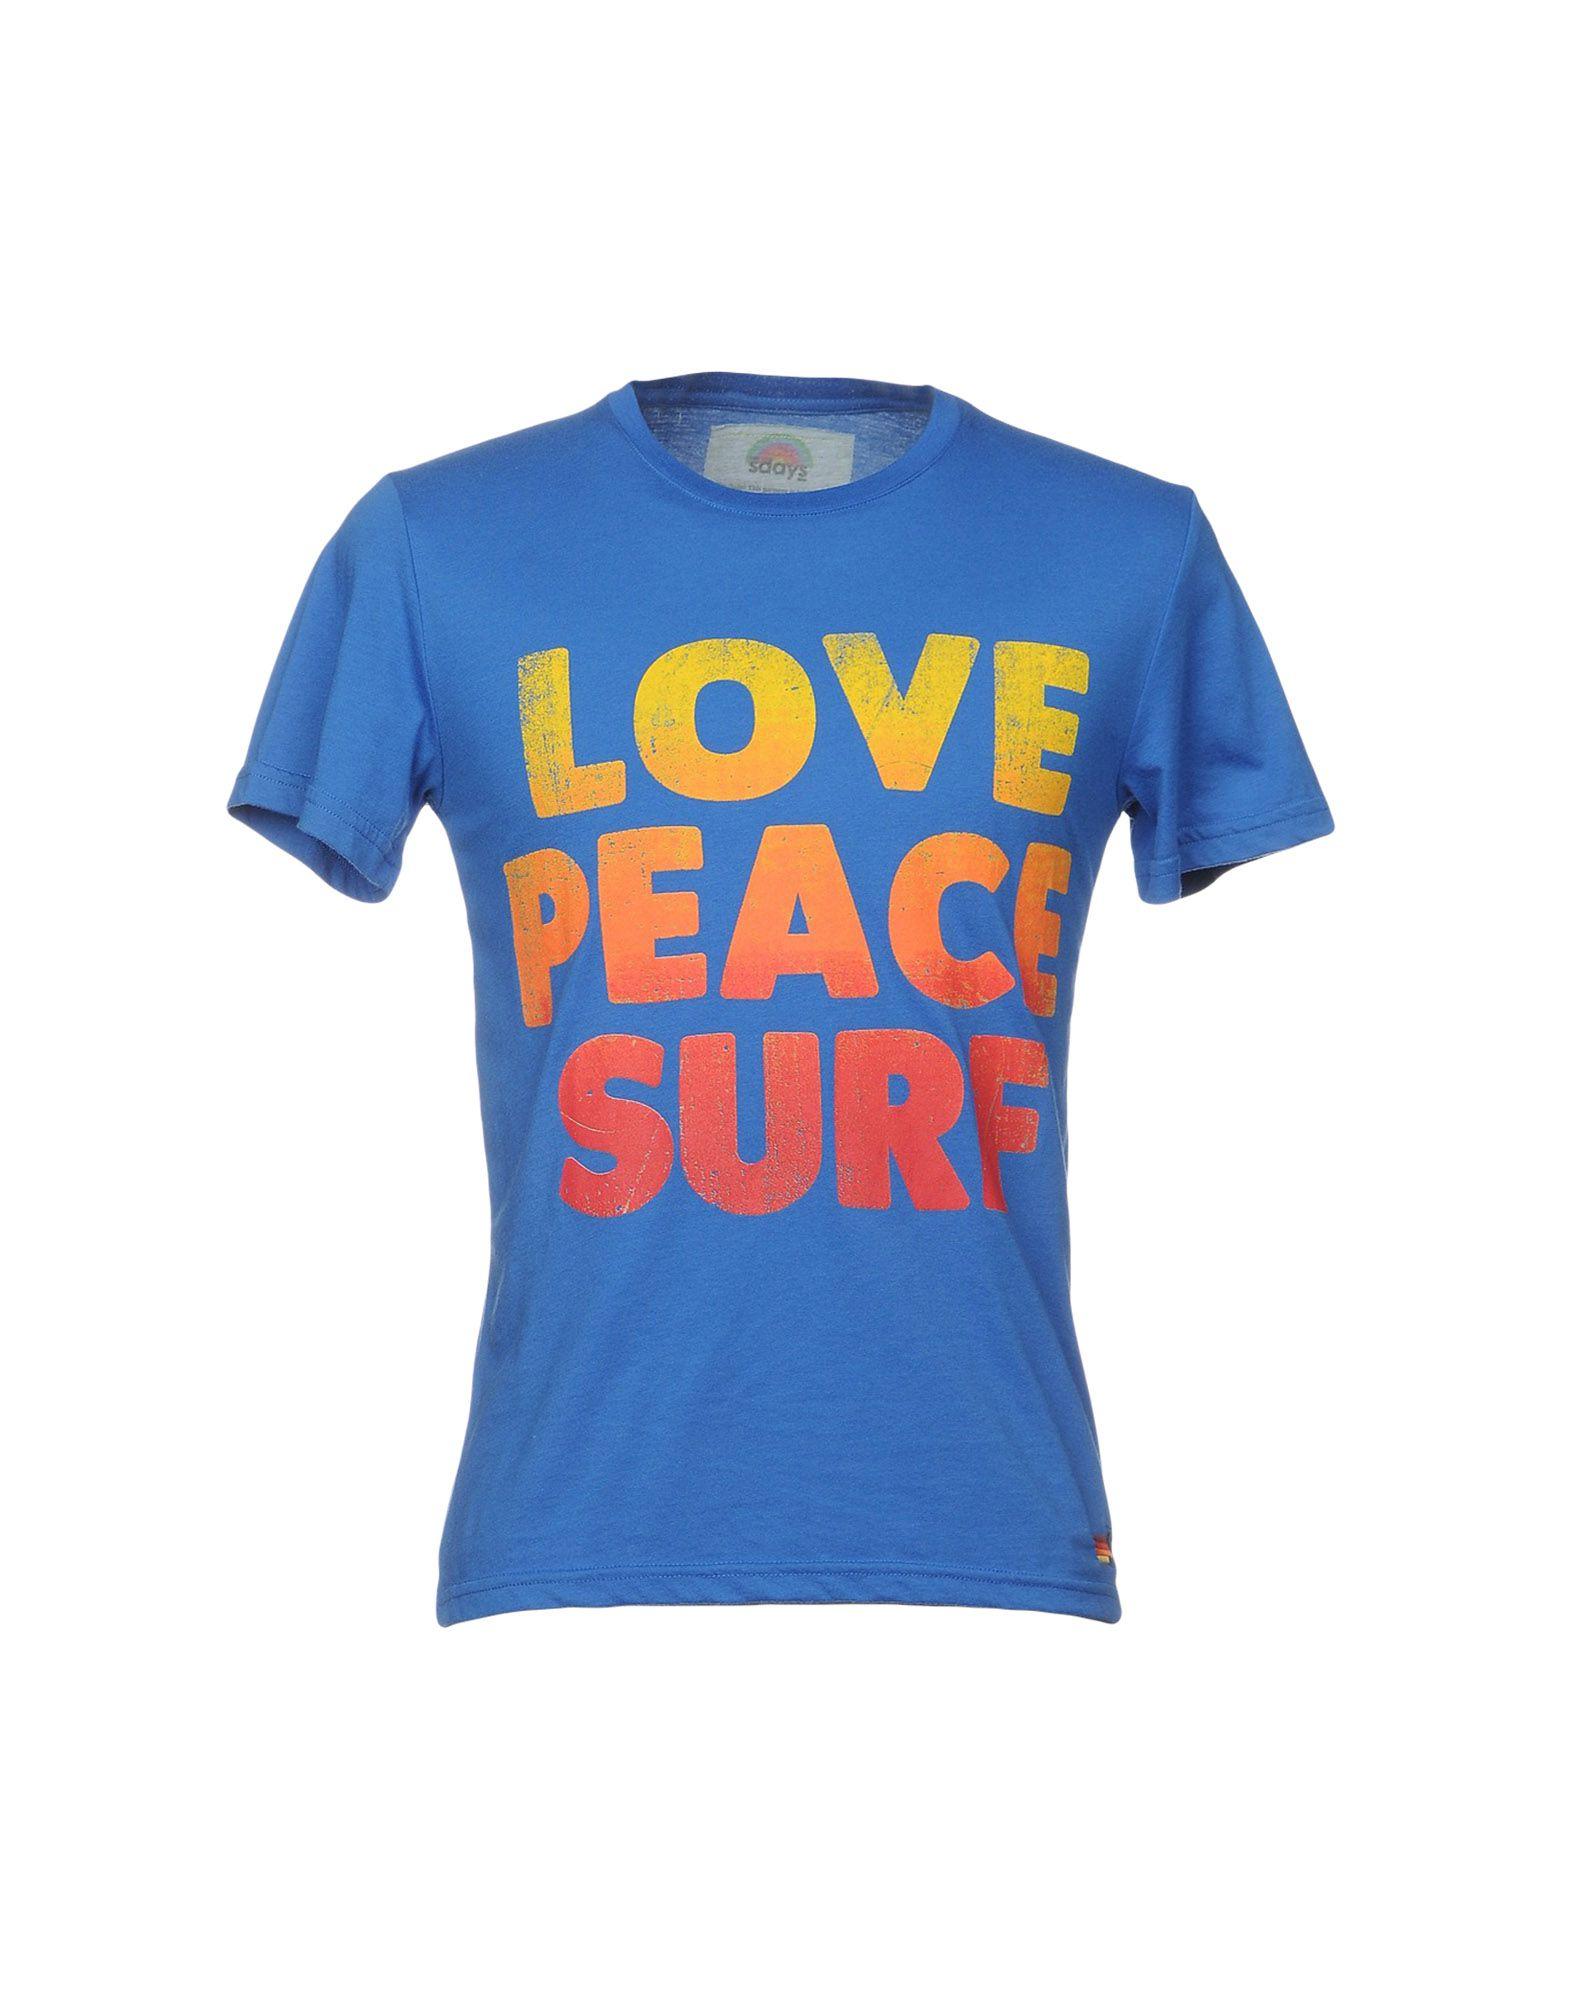 A buon mercato A buon mercato T-Shirt Sdays Uomo - 12102254IC 12102254IC - 08f399